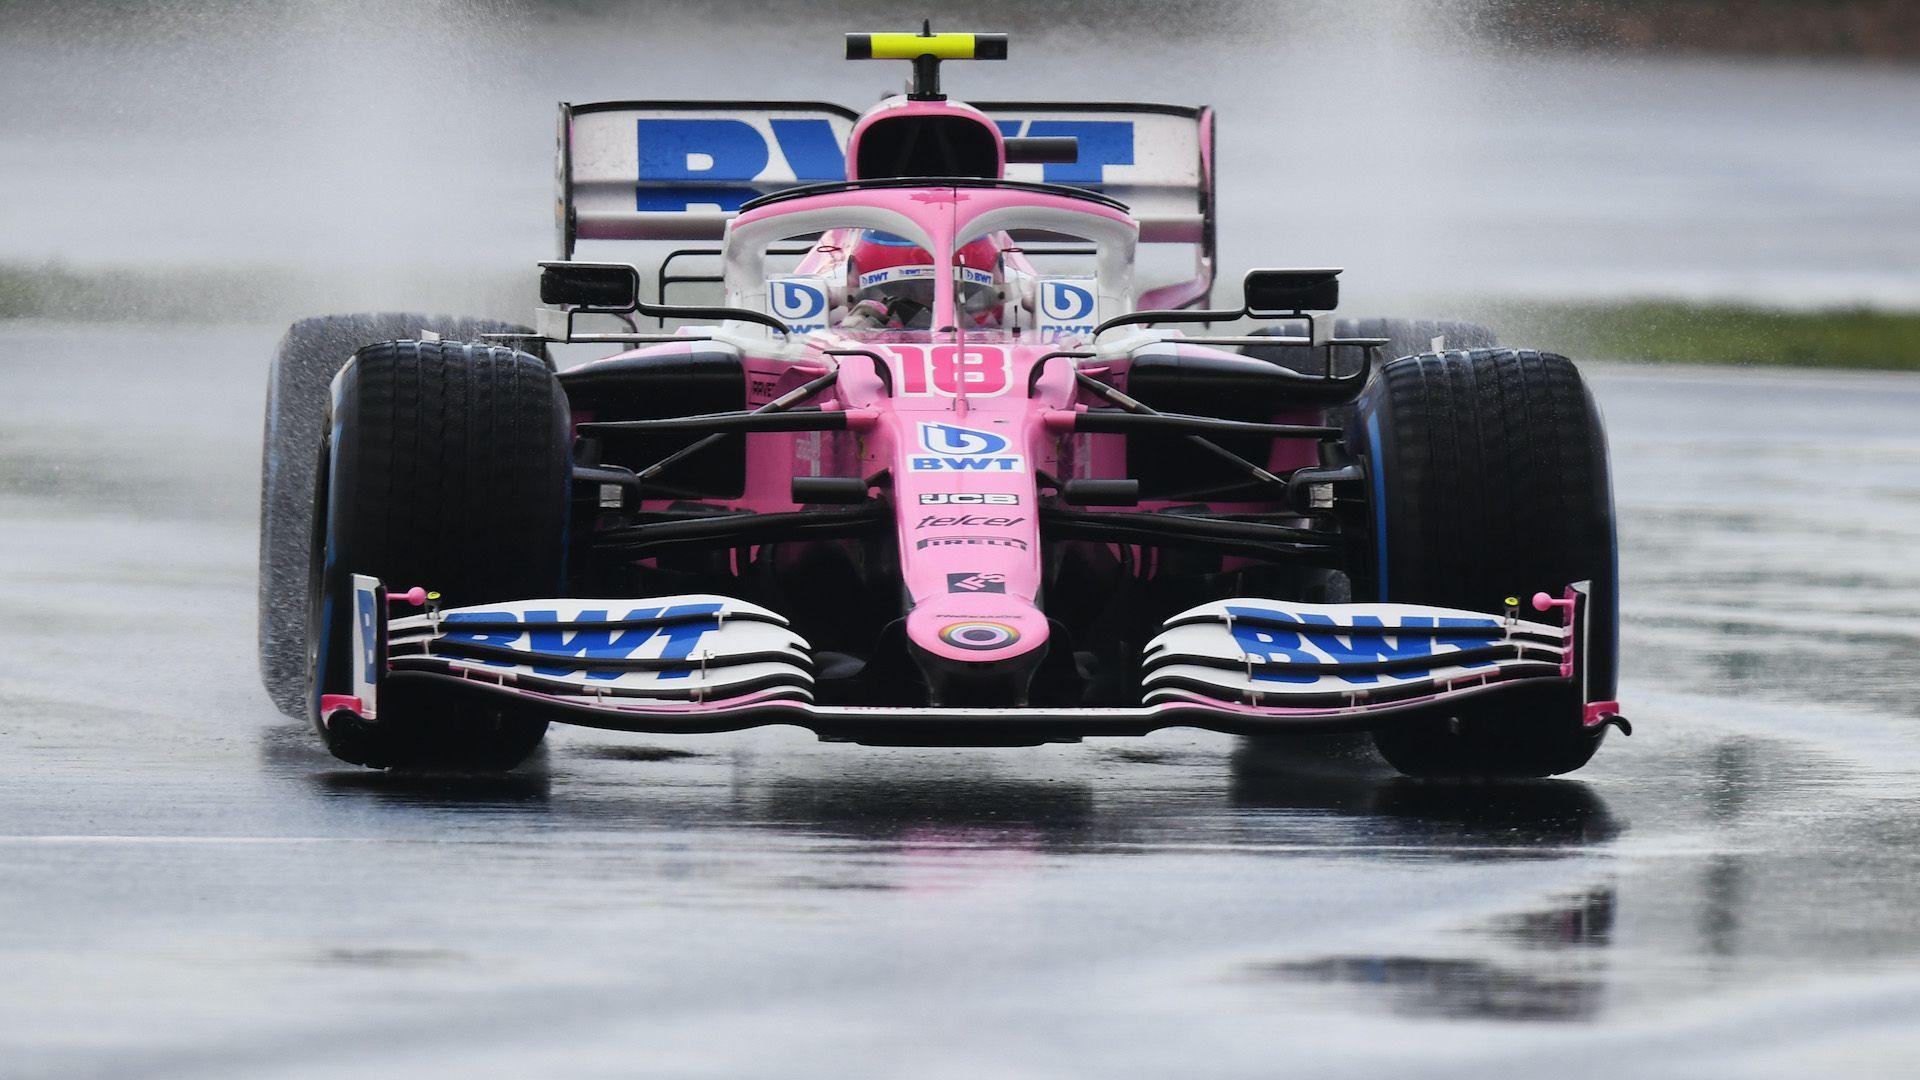 Дъждовен трилър и неочакван победител в квалификацията на Формула 1 в Истанбул